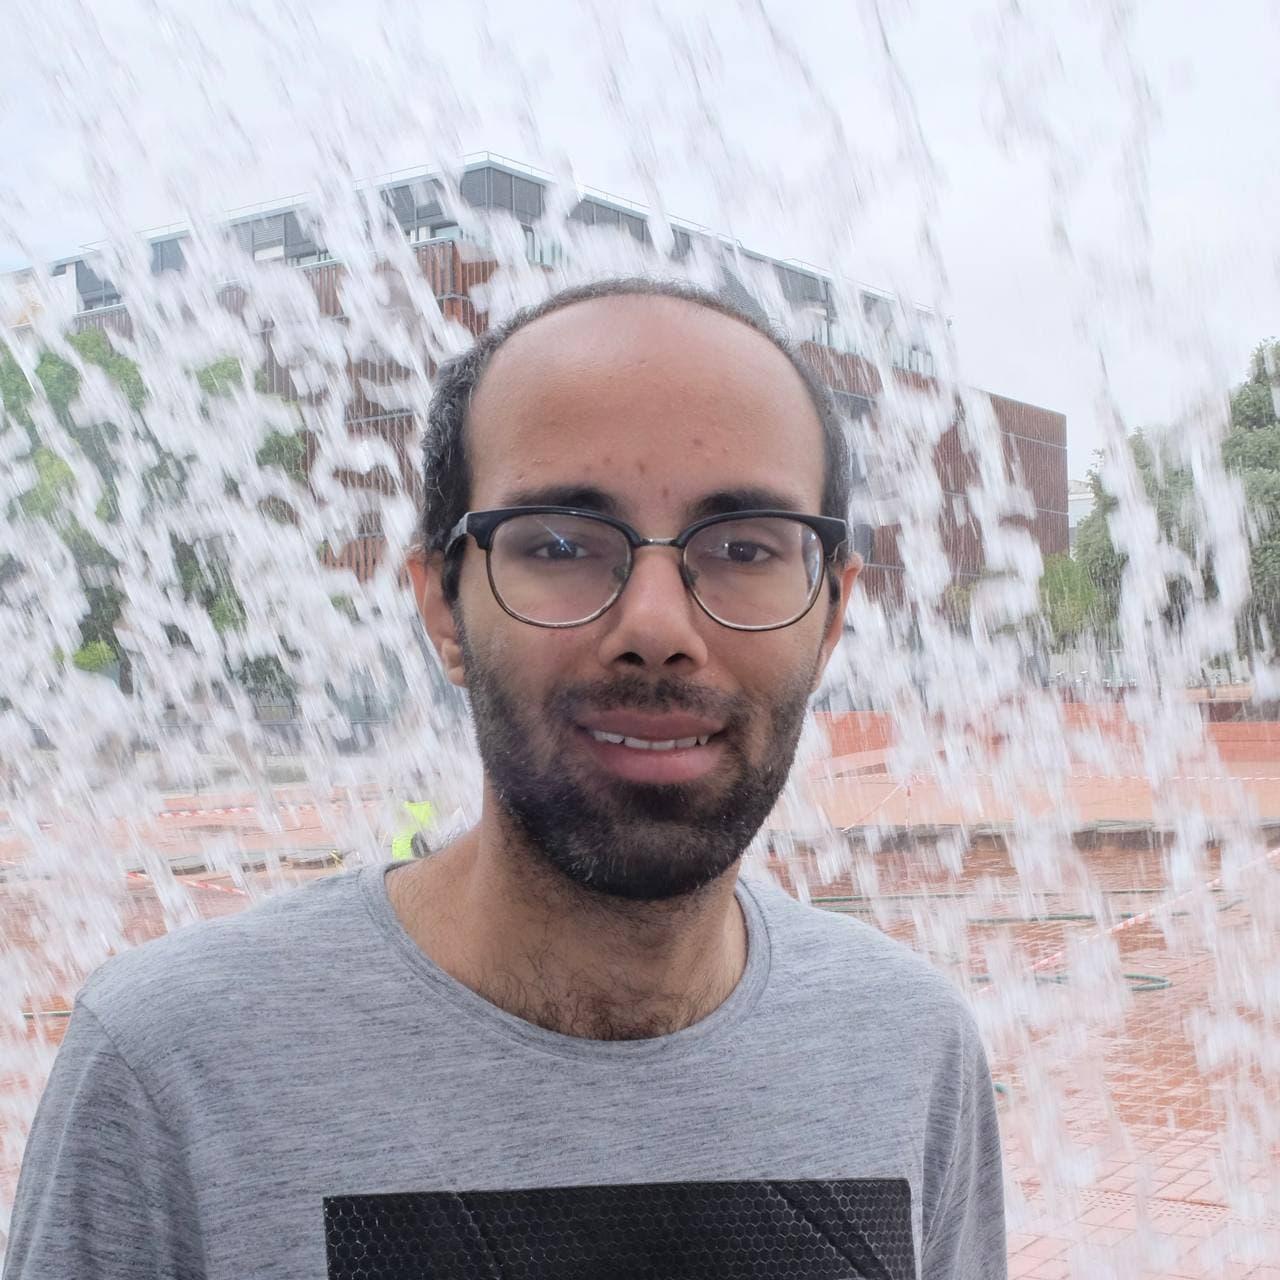 Aditya Khanduri